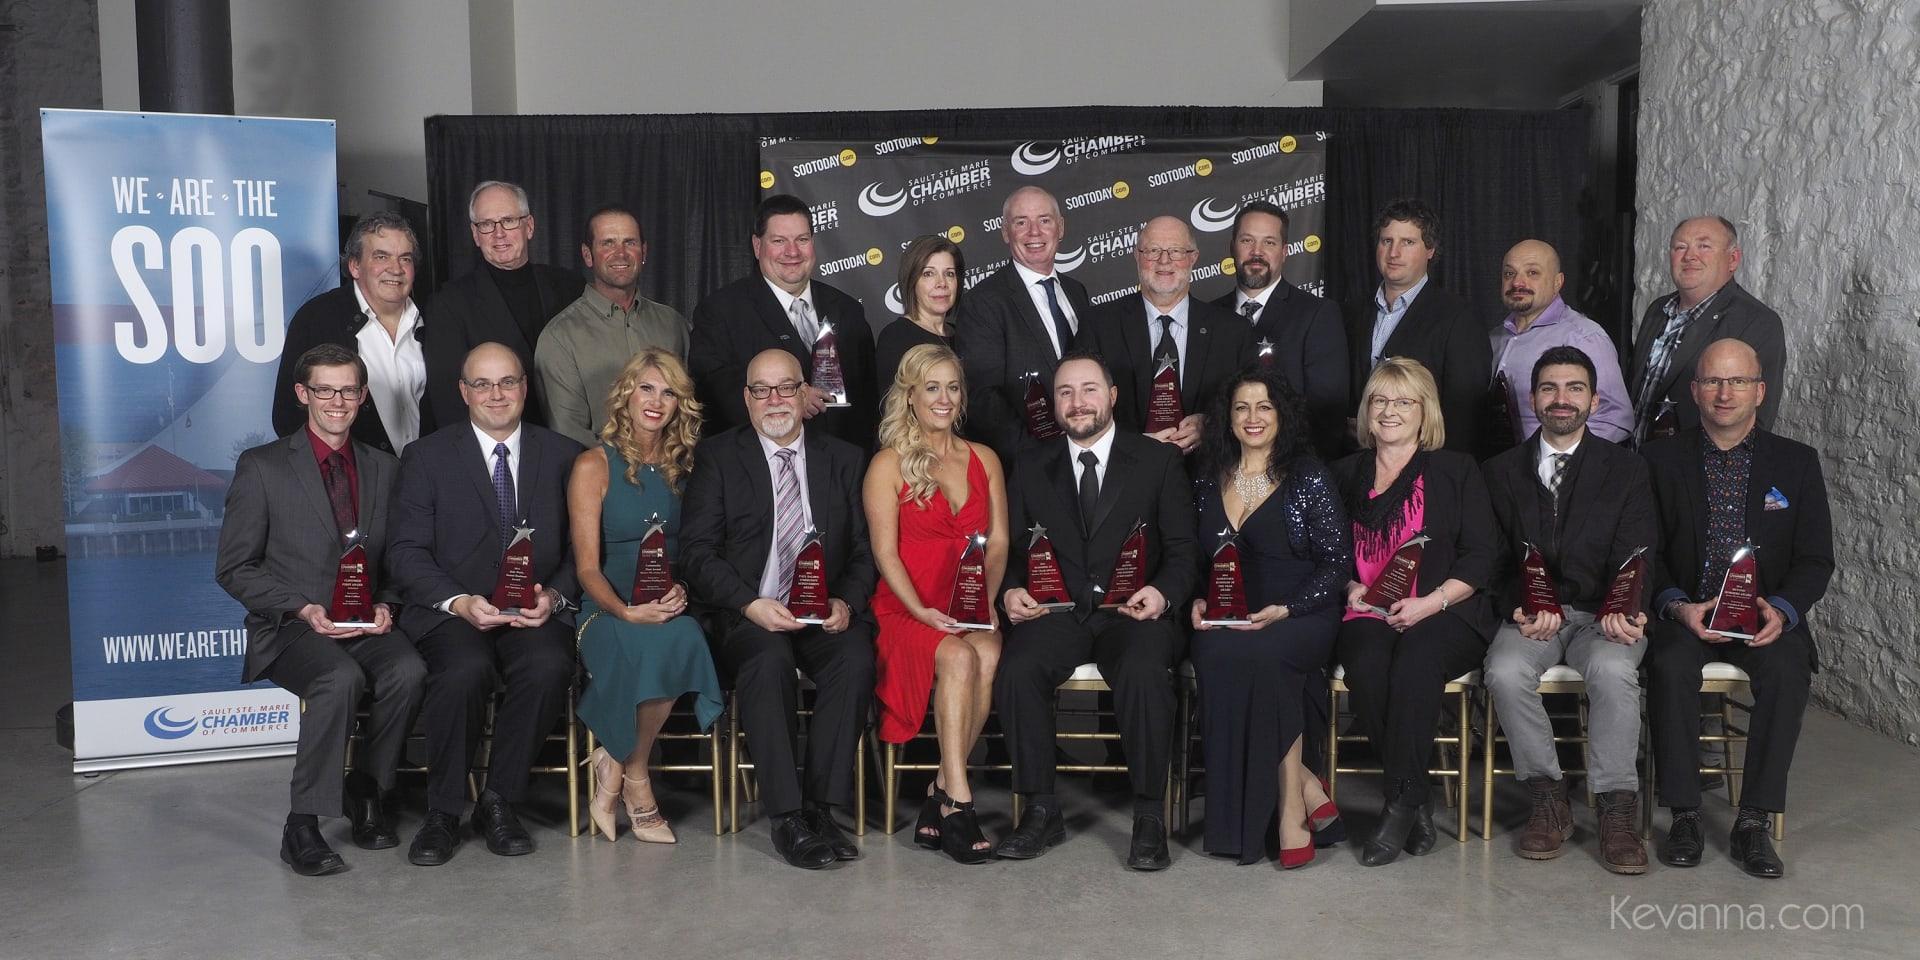 SSMCOC-Group-2018-Award-receipants-w1920.jpg